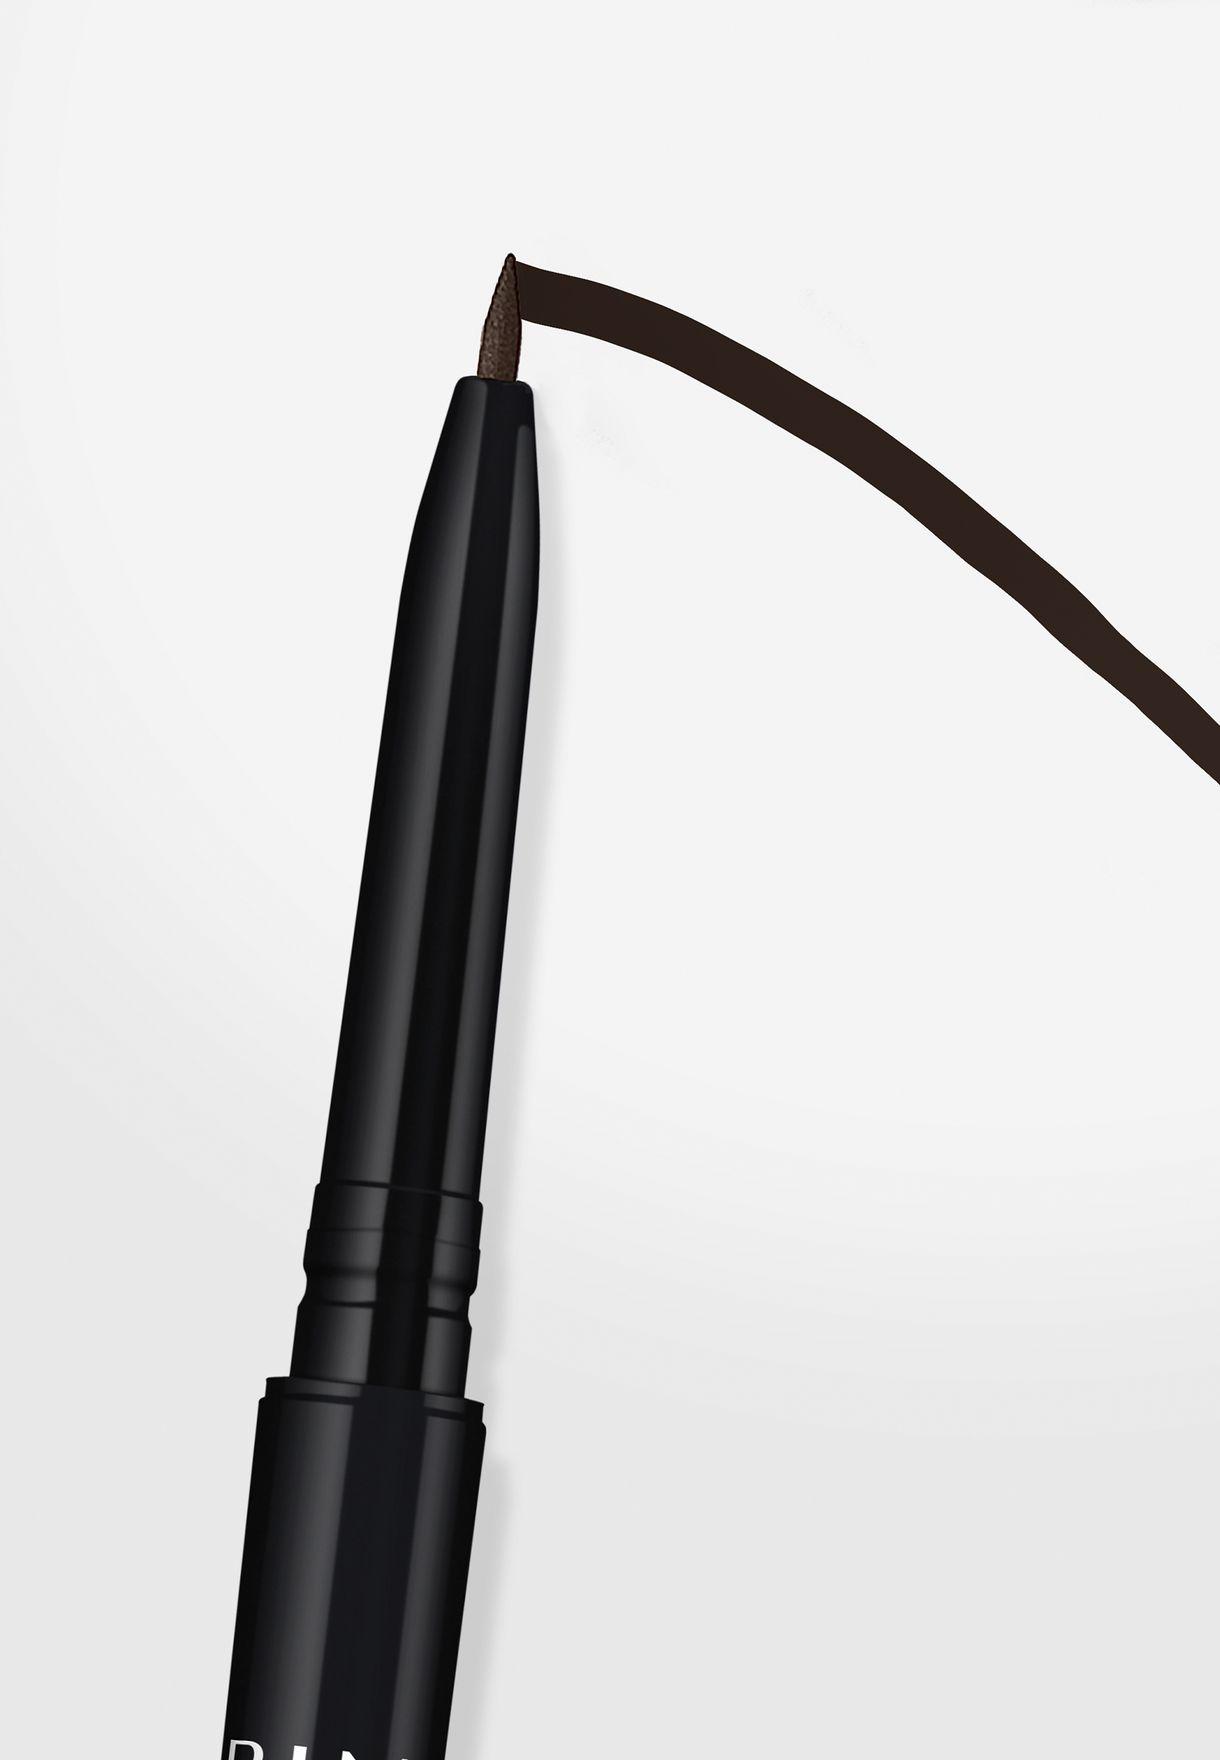 قلم الحواجب براو برو مايكرو 24 ساعة- 004 دارك براون